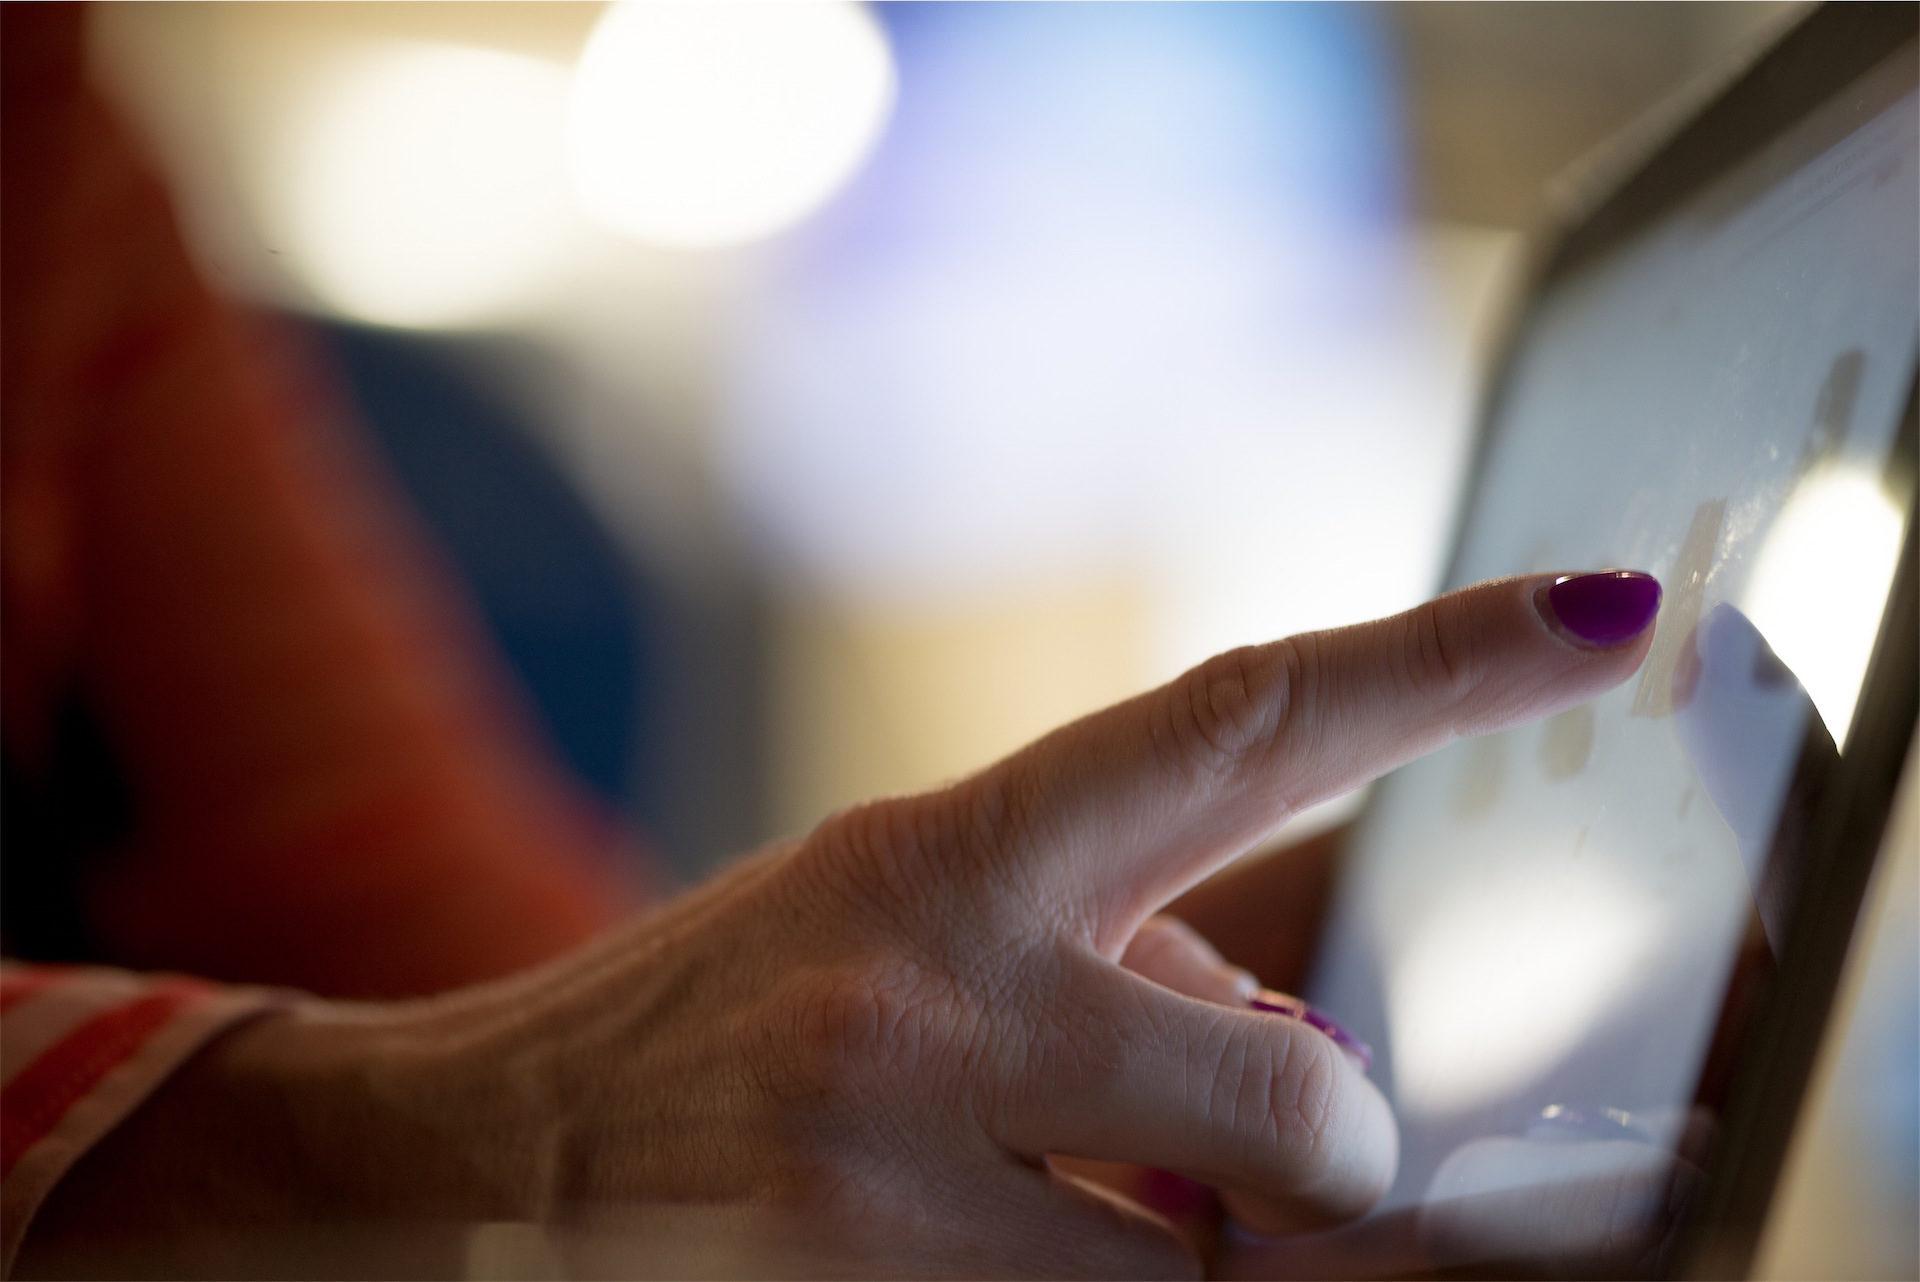 الكمبيوتر اللوحي, اليد, امرأة, أصابع, الأظافر - خلفيات عالية الدقة - أستاذ falken.com